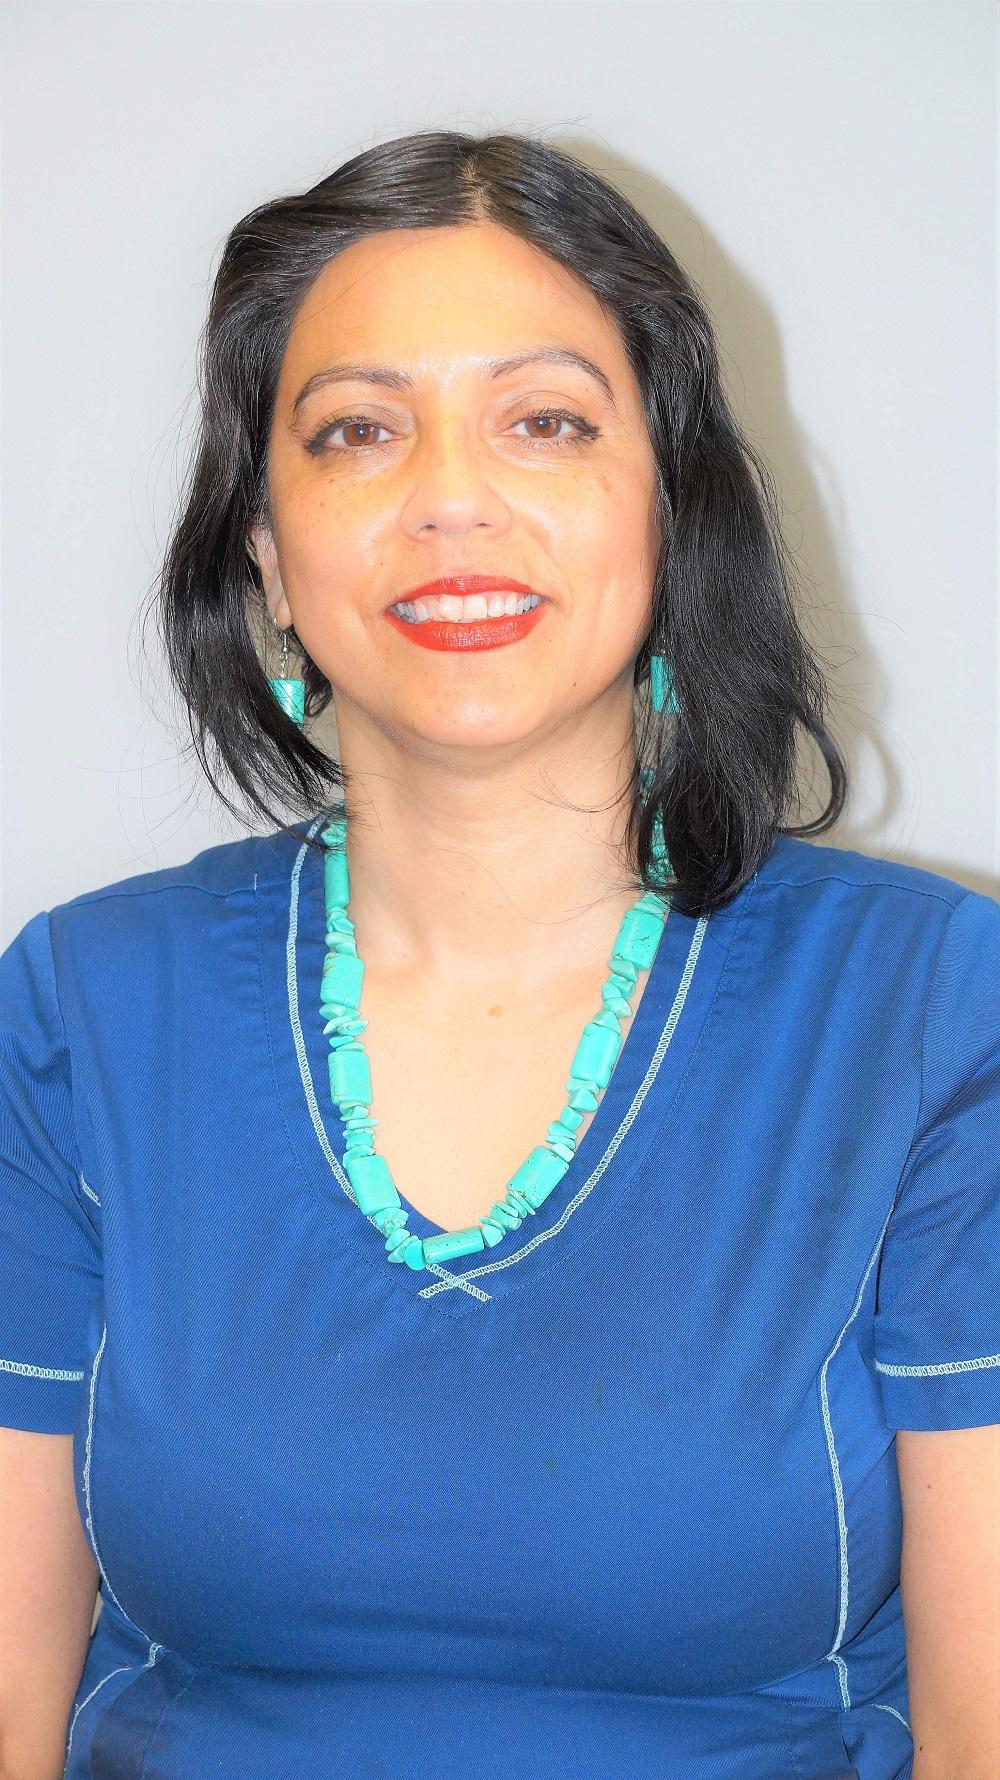 Shobhna Kapoor - Centenary Phyio & Rehab